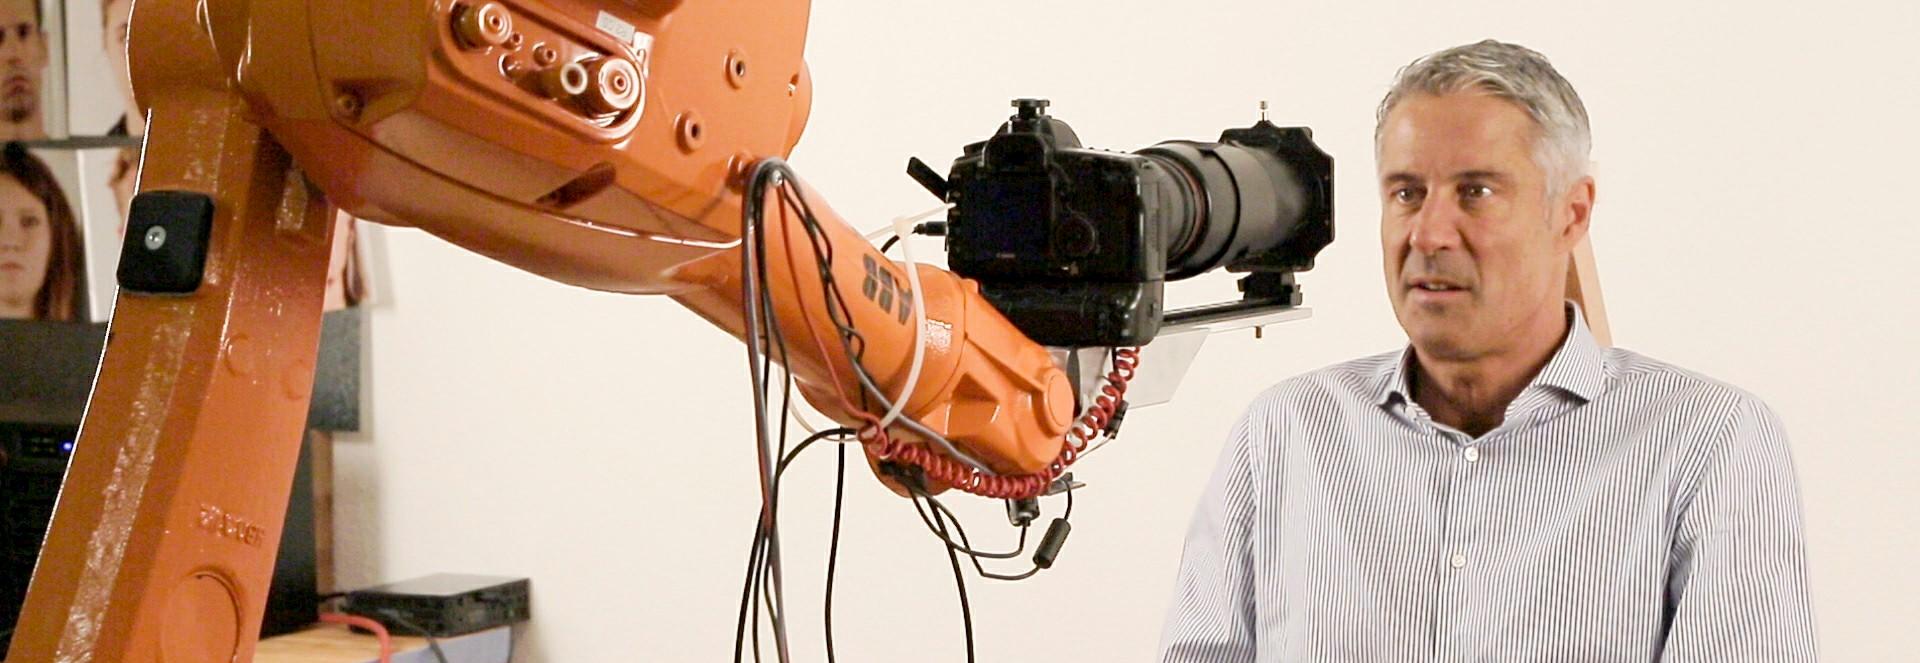 Teknologin omformar arbetslivet